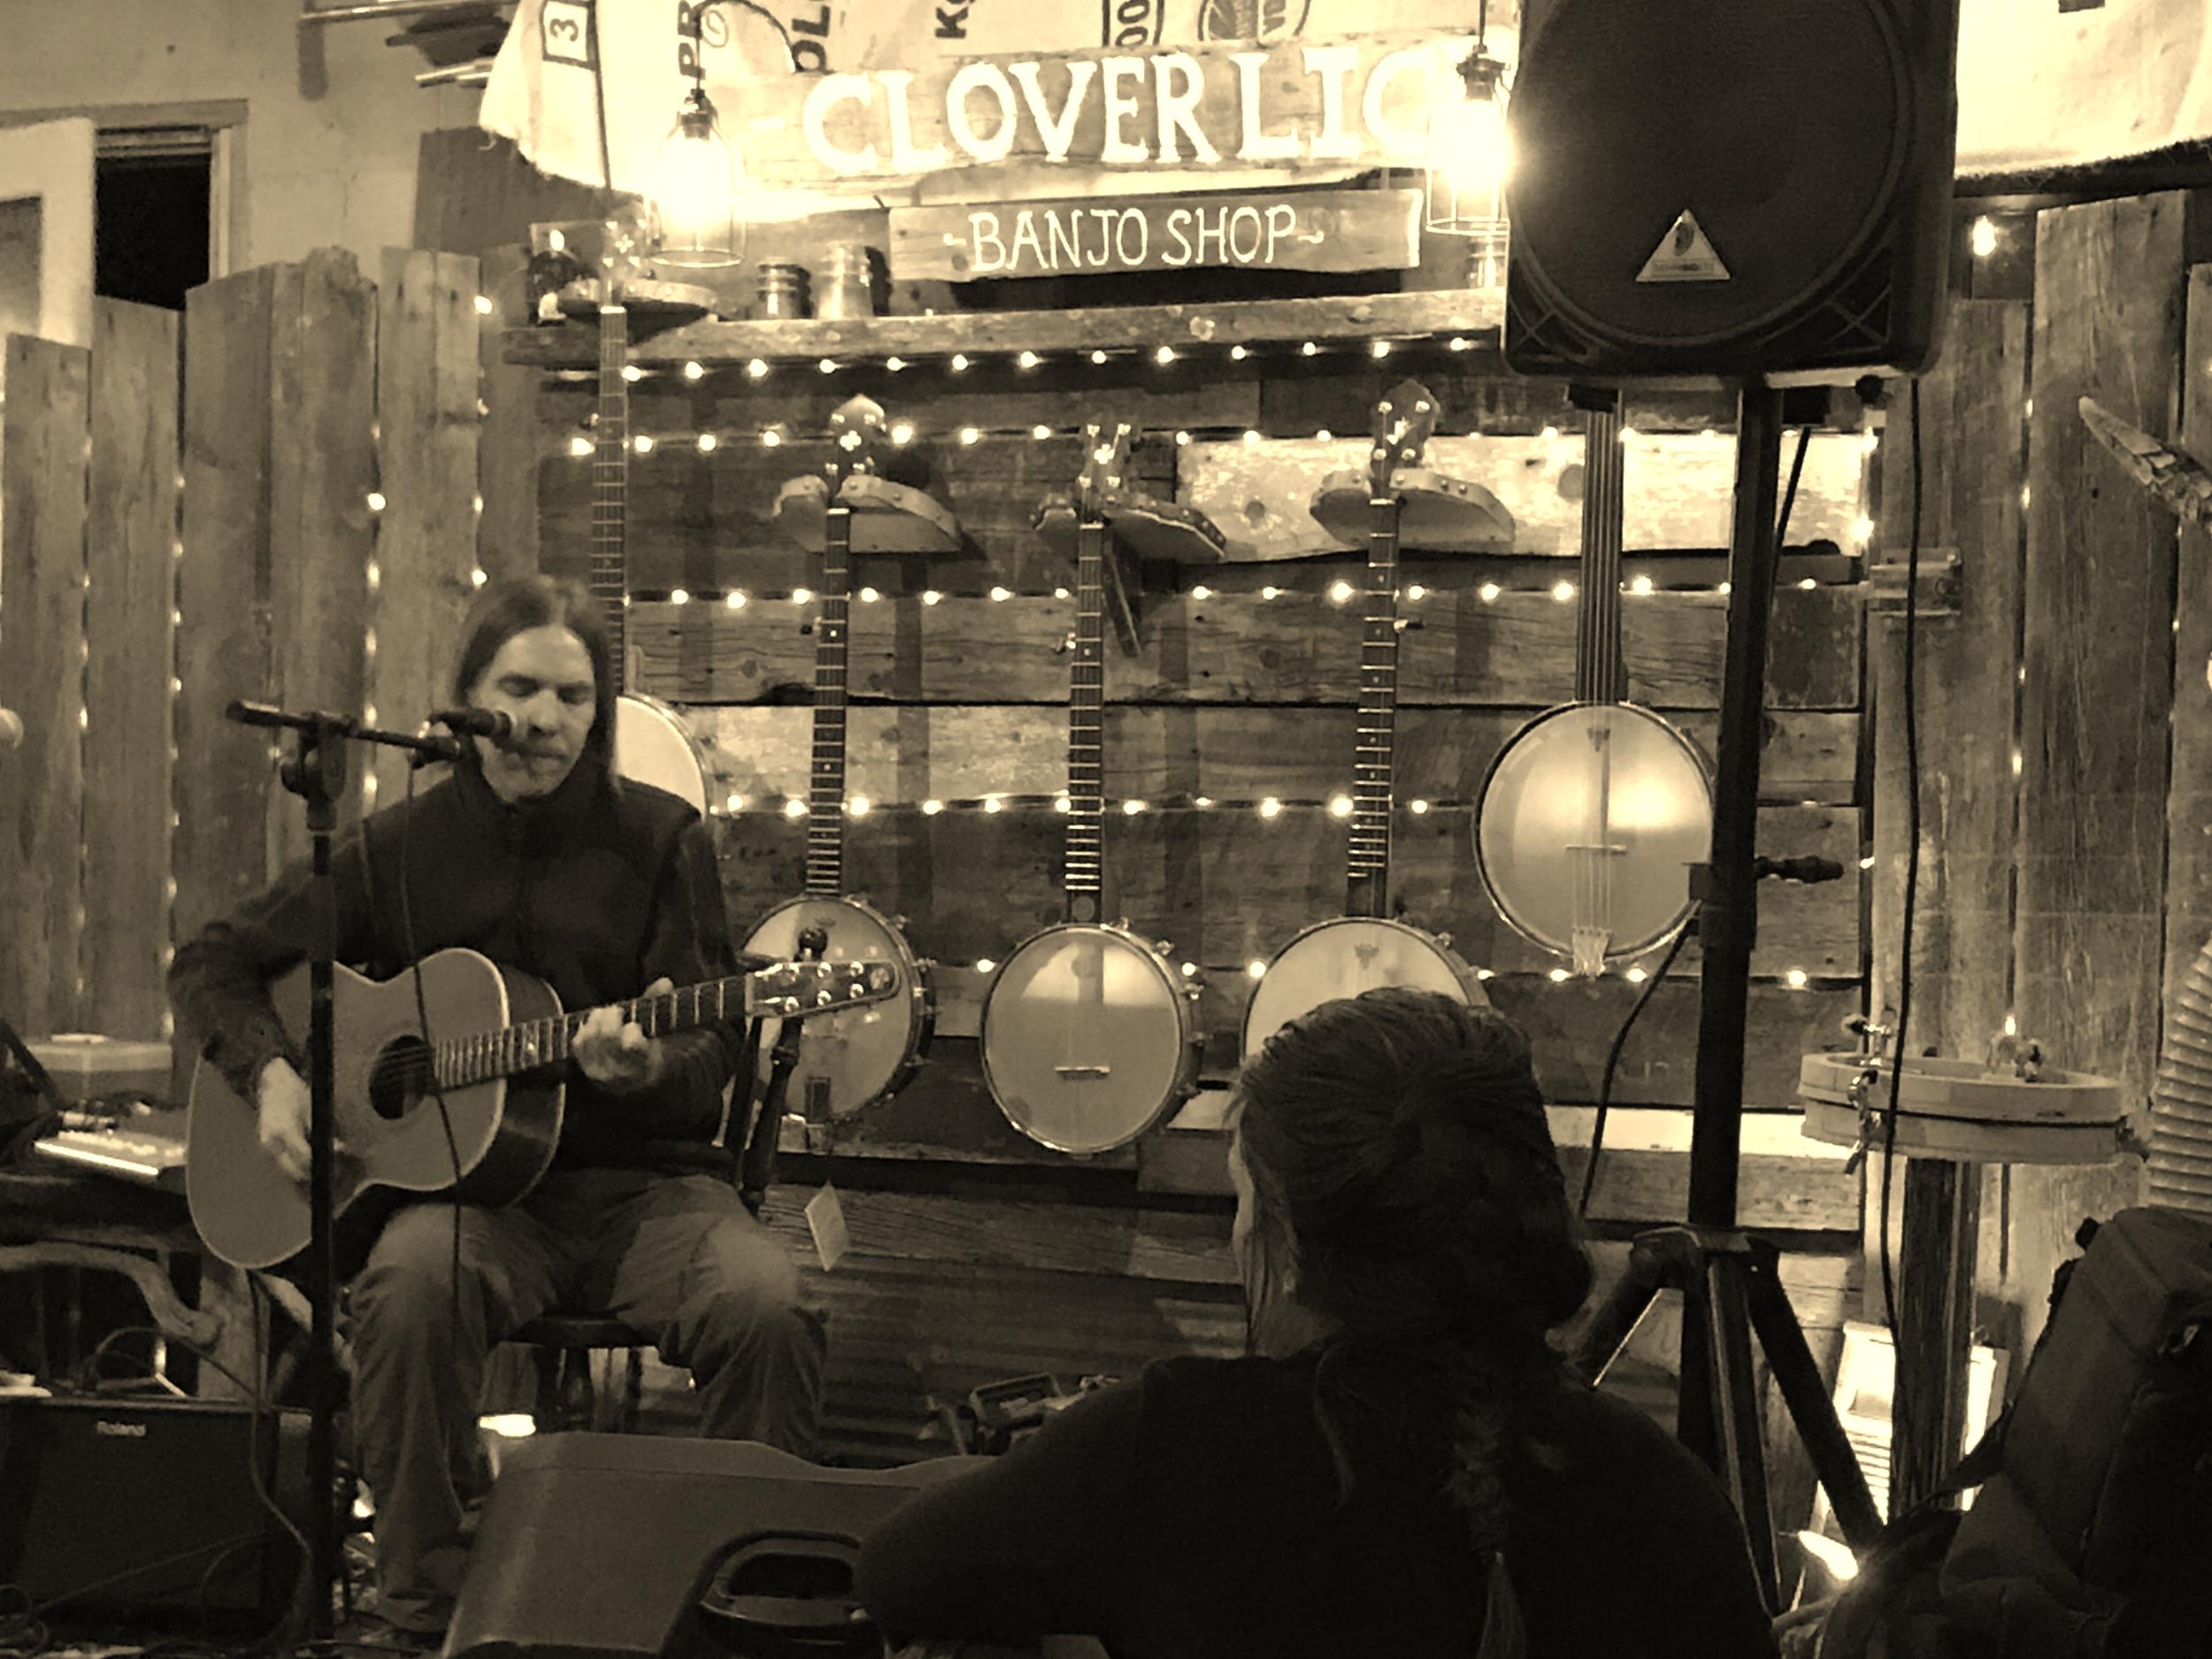 2018 Cloverlick Banjo Shop Fundraiser.JPG